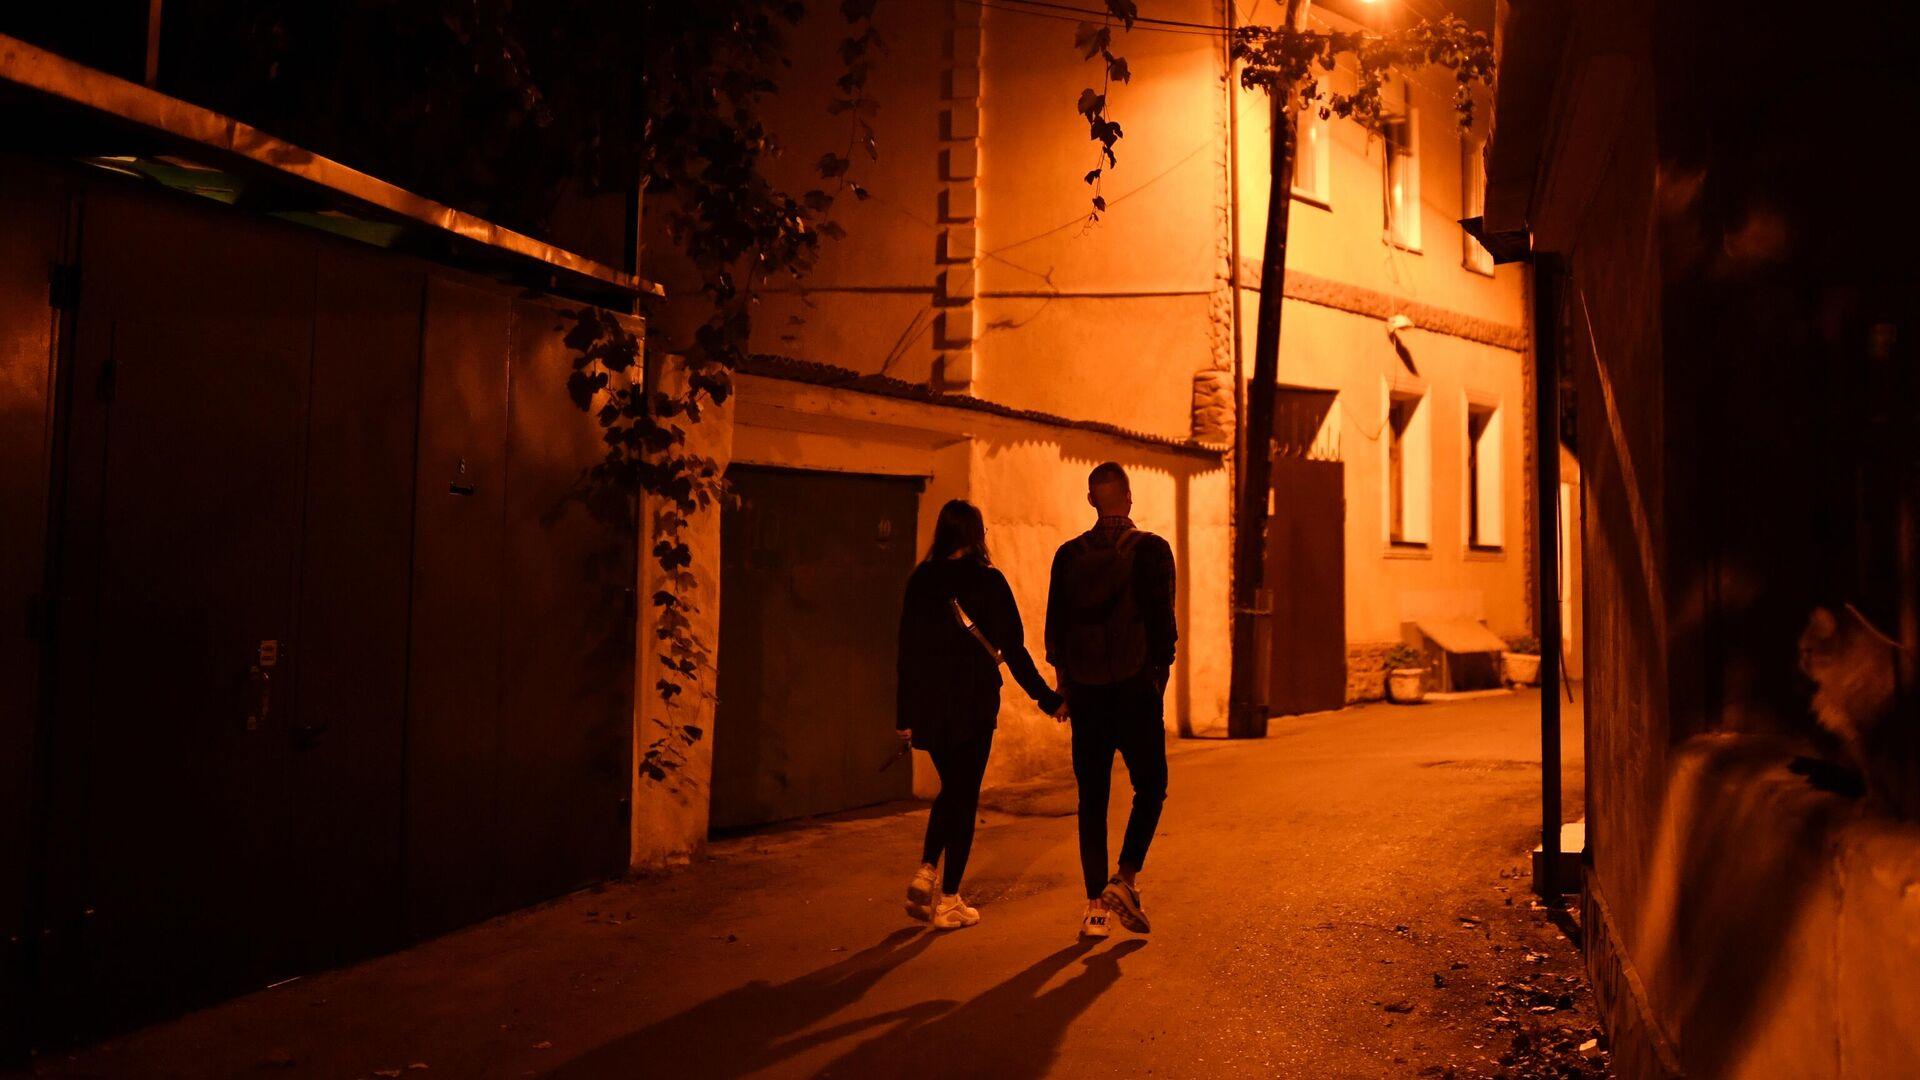 Молодые люди во время прогулки по ночной улице - РИА Новости, 1920, 13.04.2021